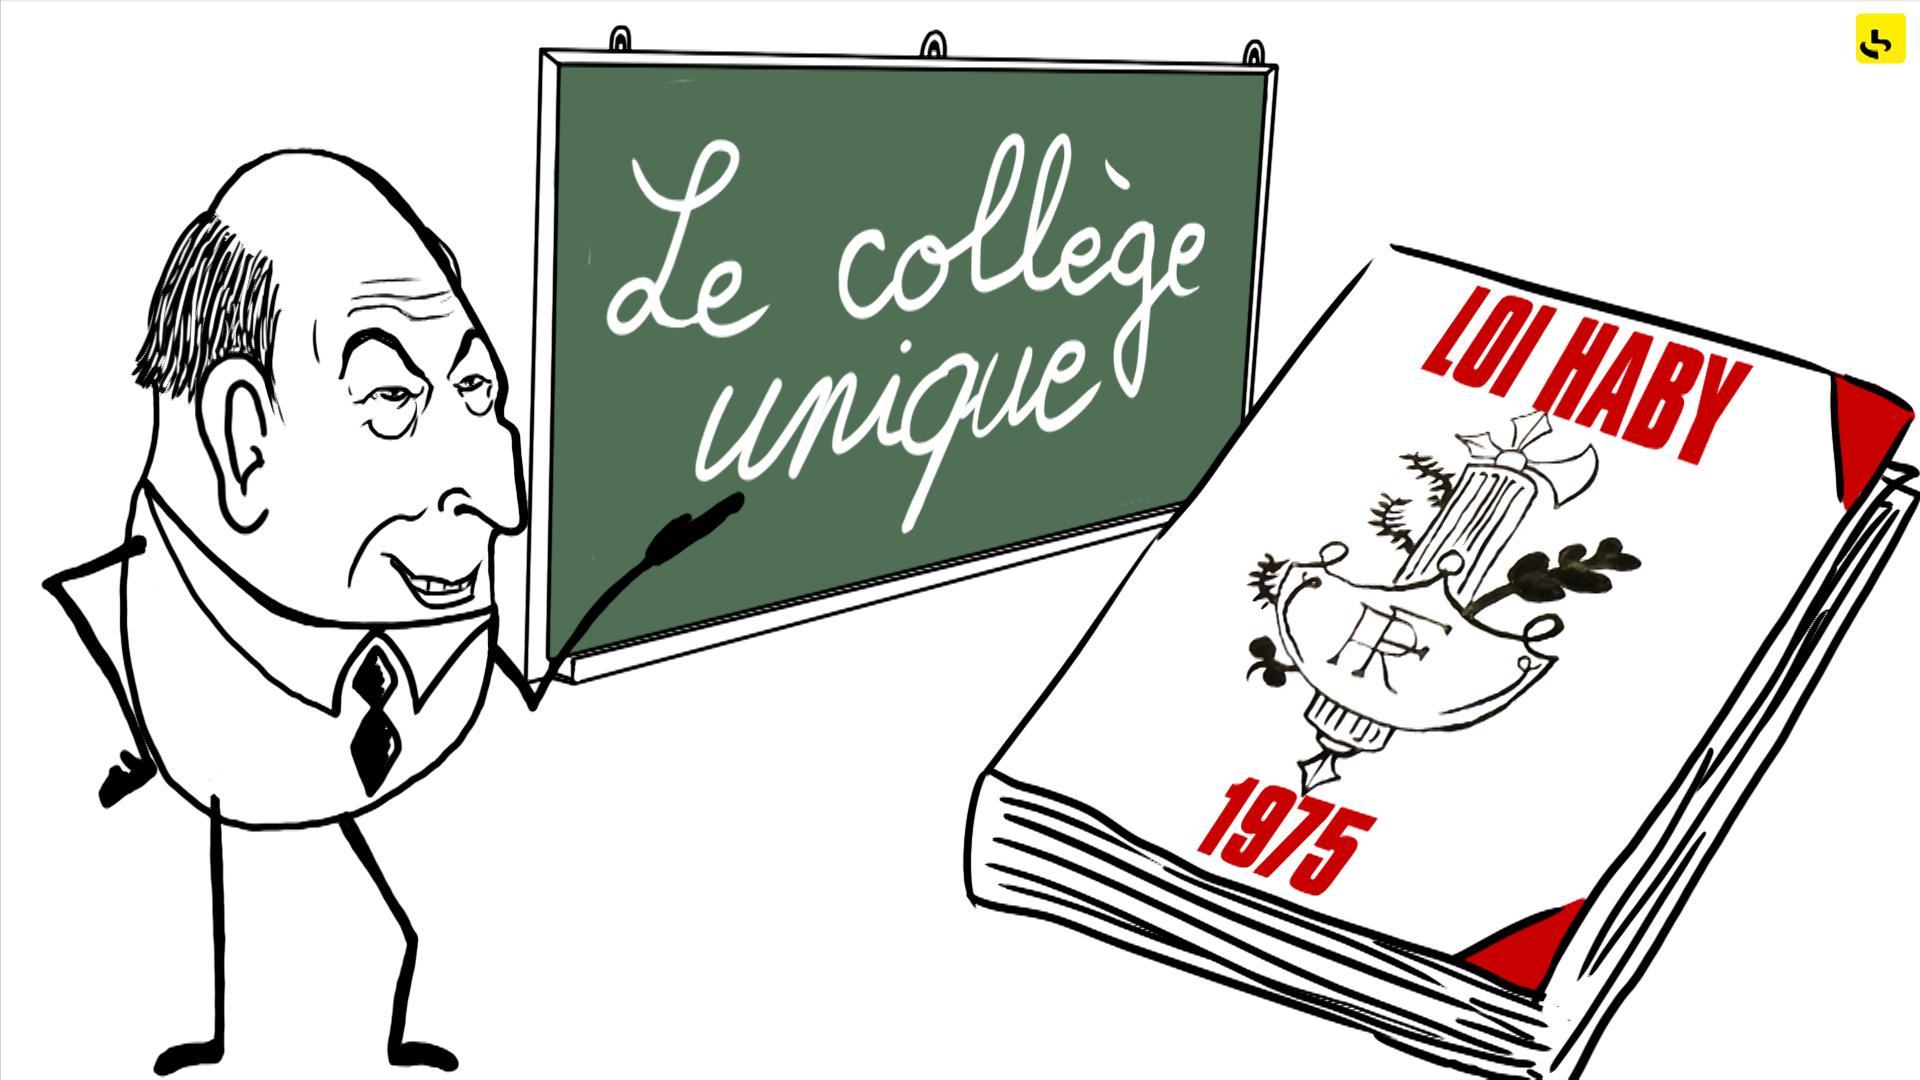 """Le collège unique, création d'une animation hebdomadaire pour le web site du programme """"Expliquez-nous"""" de France info"""